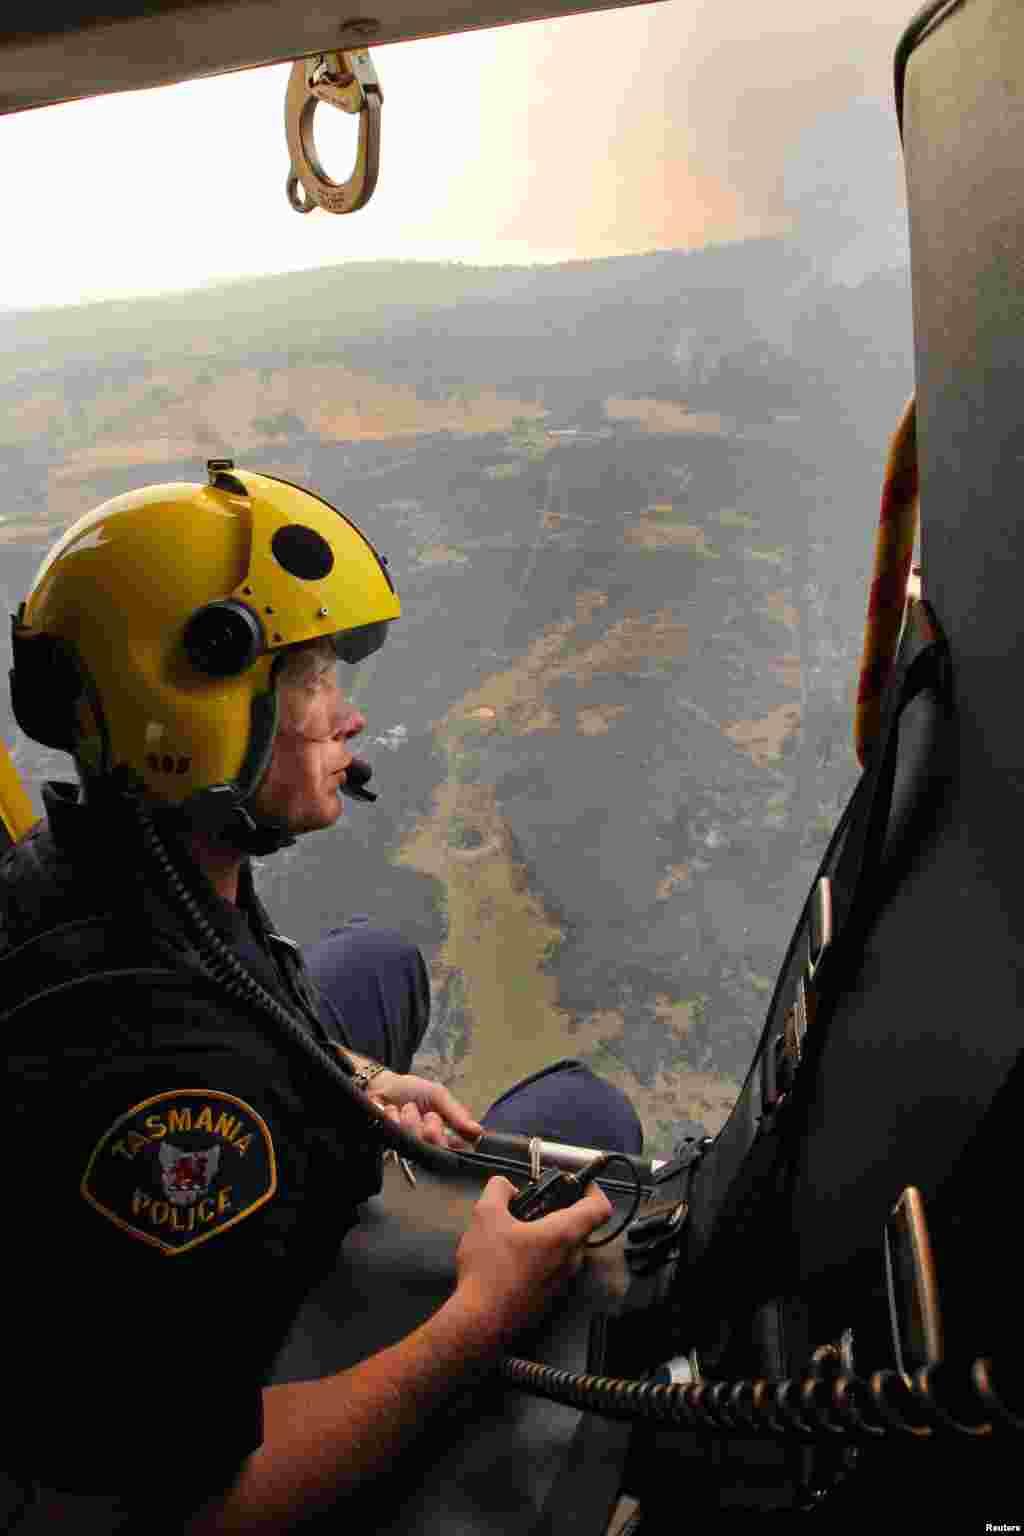 Một cảnh sát viên cấp cứu theo dõi từ máy bay trực thăng đám cháy rừng ở Dunalley, miền đông của Hobart, thuộc bang Tasmania, 5/1/ 2013.